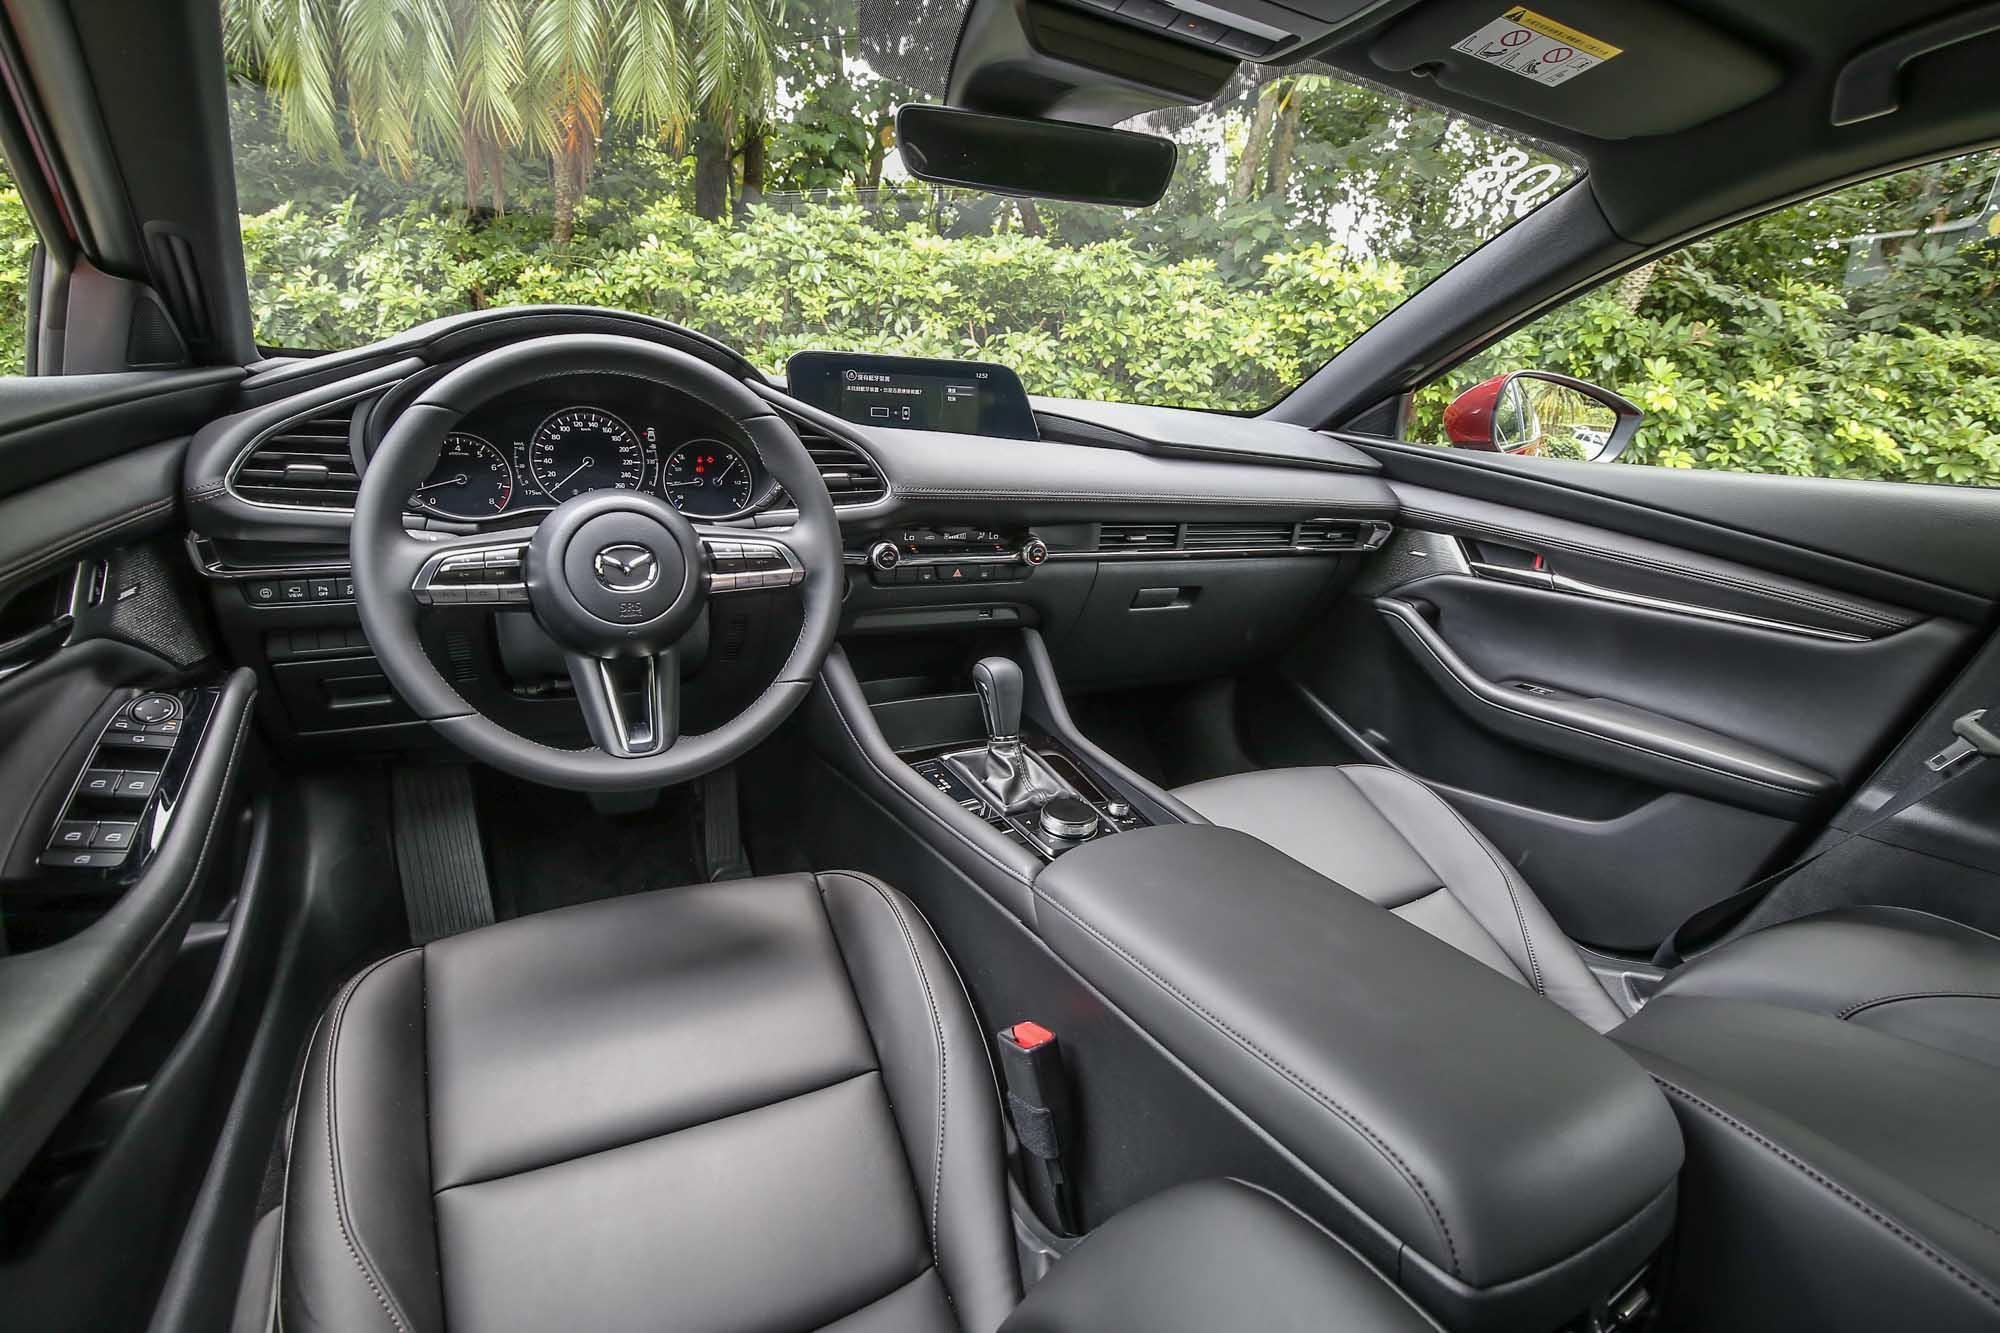 相較於 A-Class 的前衛科技,新世代 Mazda3 的內裝鋪陳相對低調簡約許多。